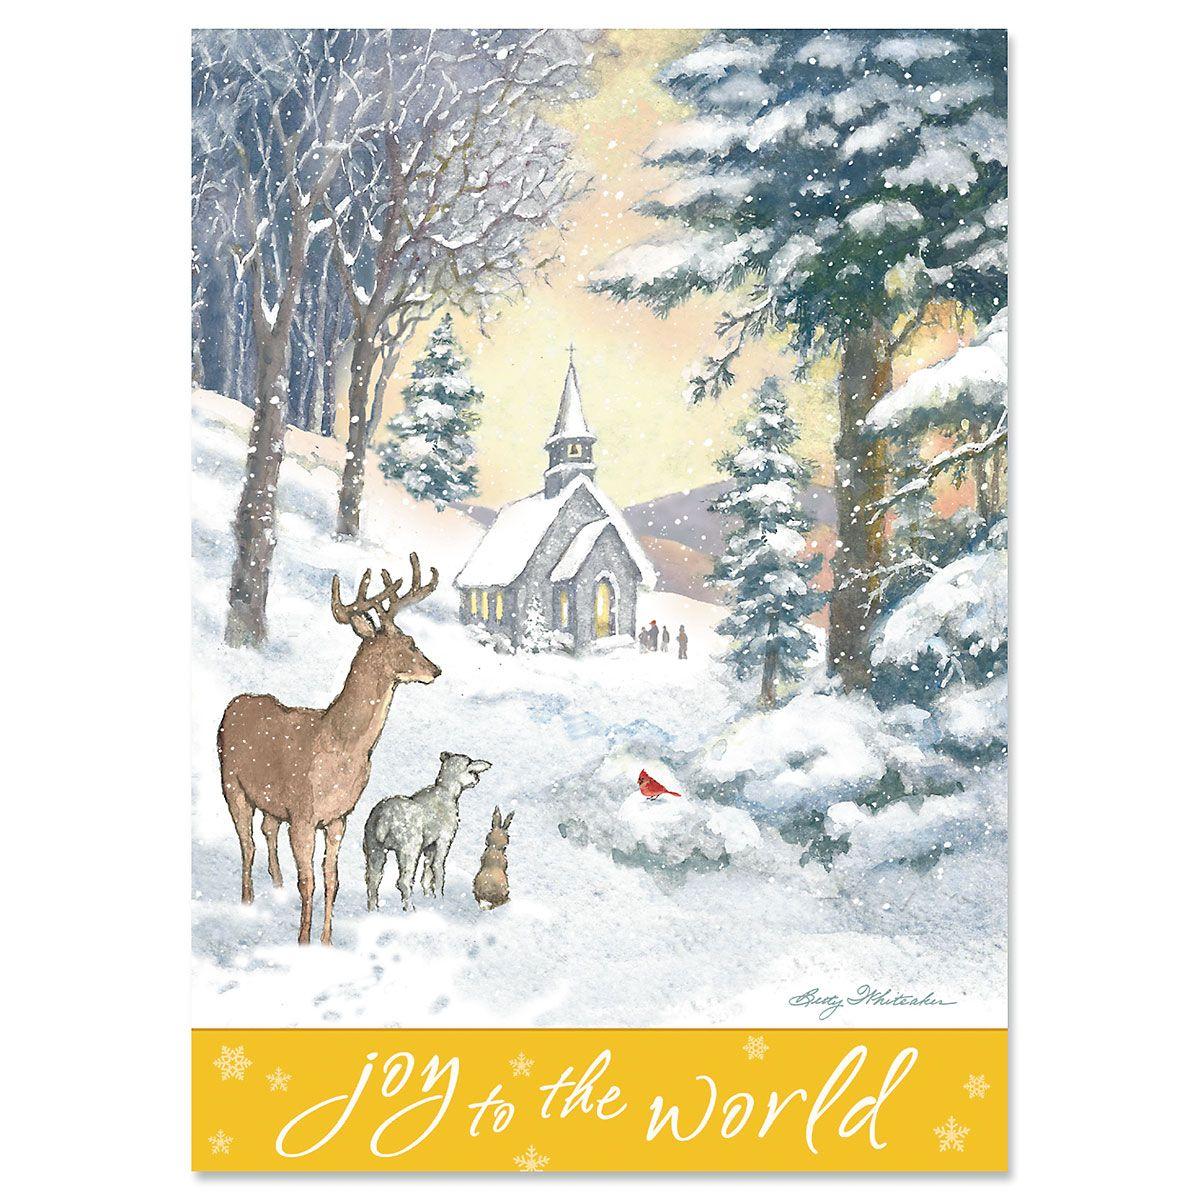 Evening Church Religious Christmas Cards